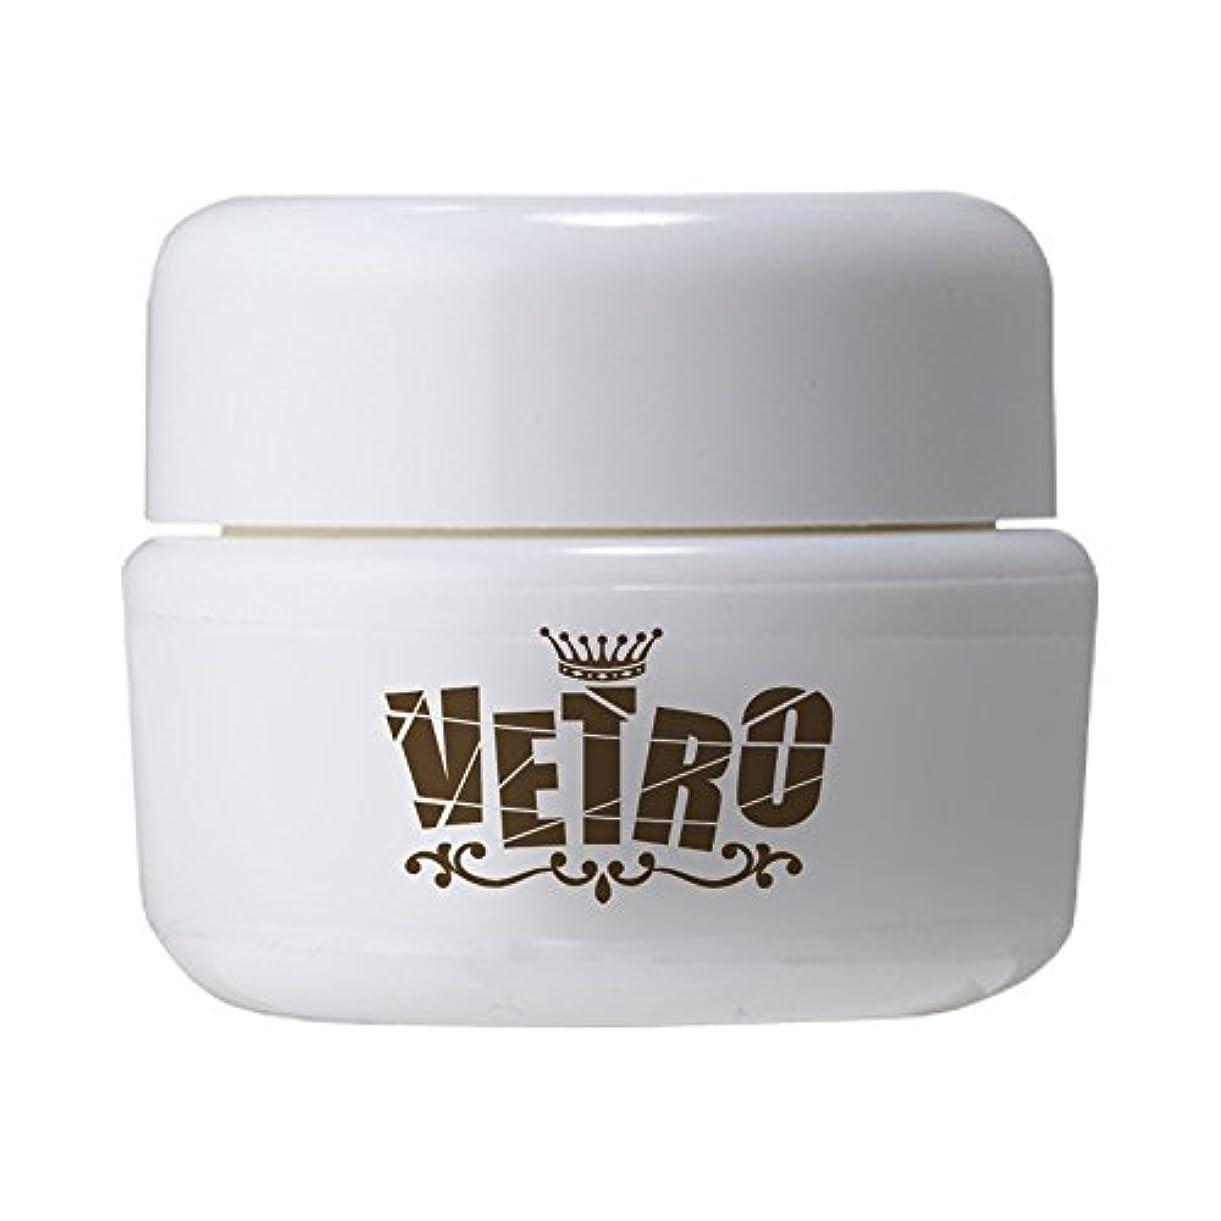 落ち着いたマダム酸化するVETRO カラージェル VL379 アンティークミント 5ml UV/LED対応